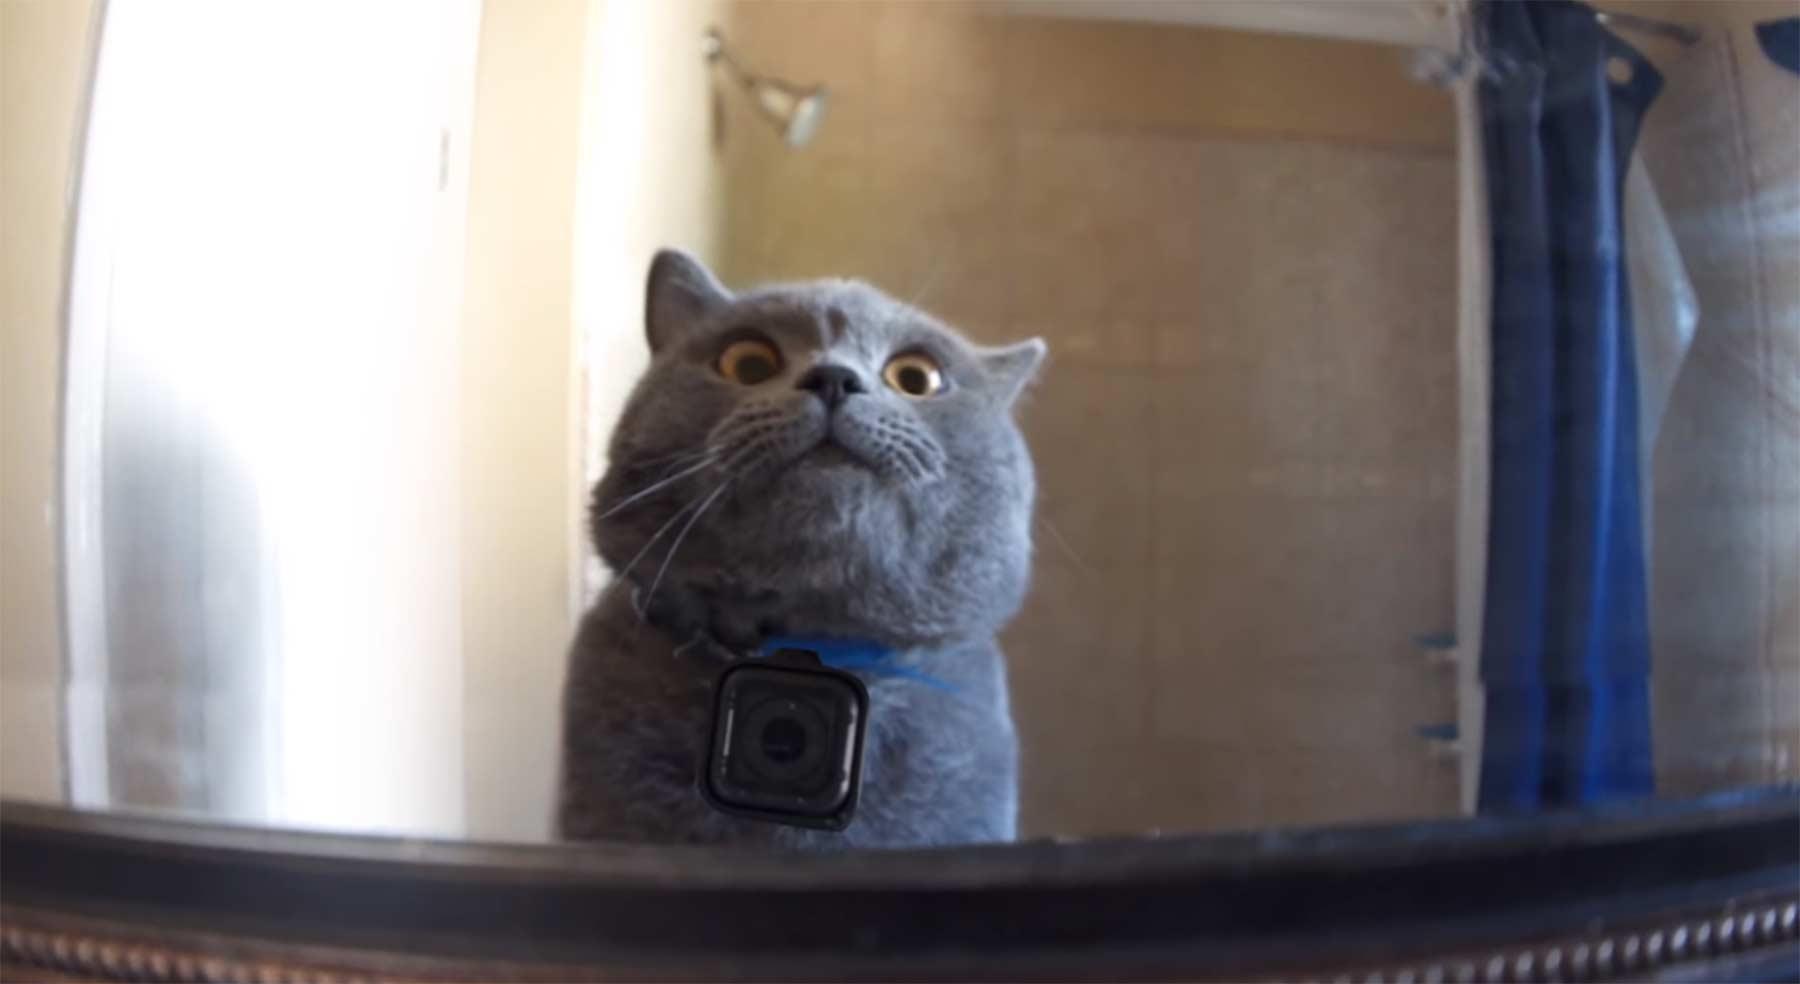 GoPro-Kamera an einer Zuhause allein gelassenen Katze katze-allein-zuhaus